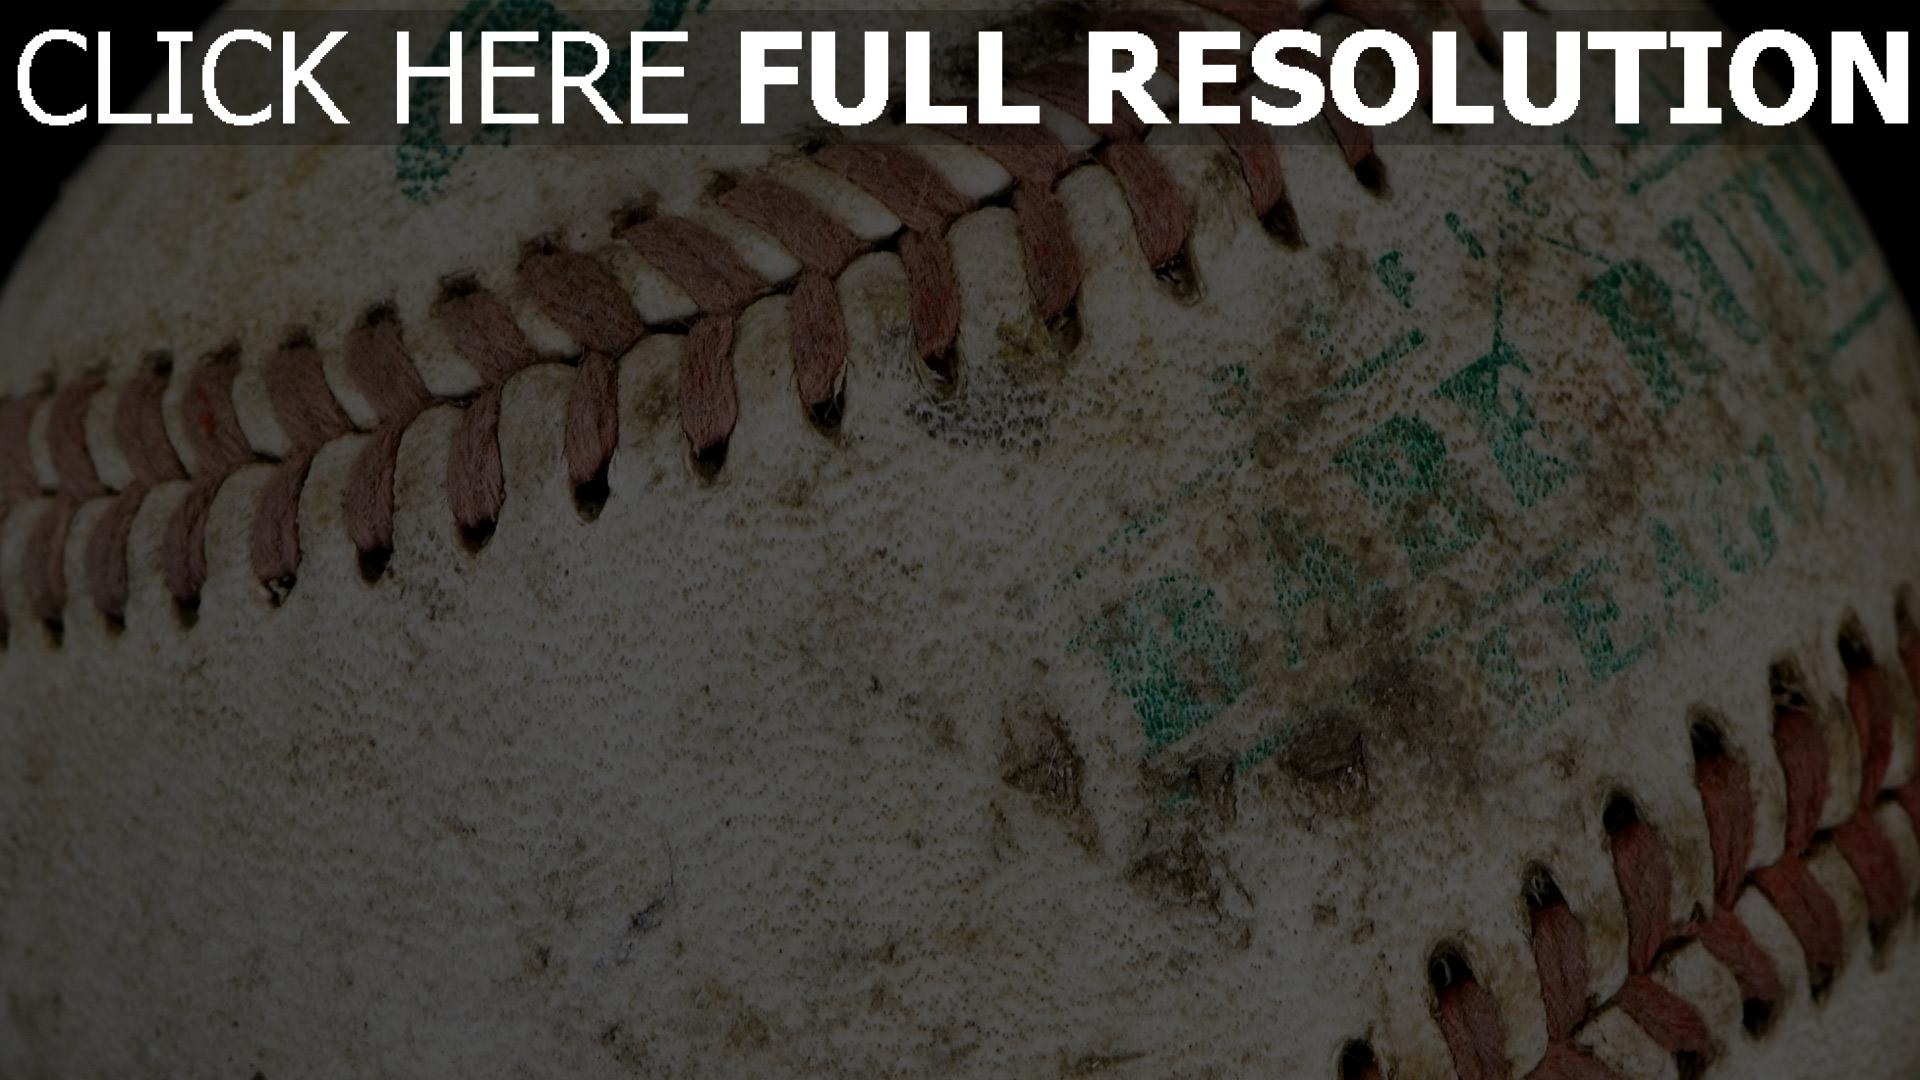 fond d'écran 1920x1080 baseball balle gros plan vieux